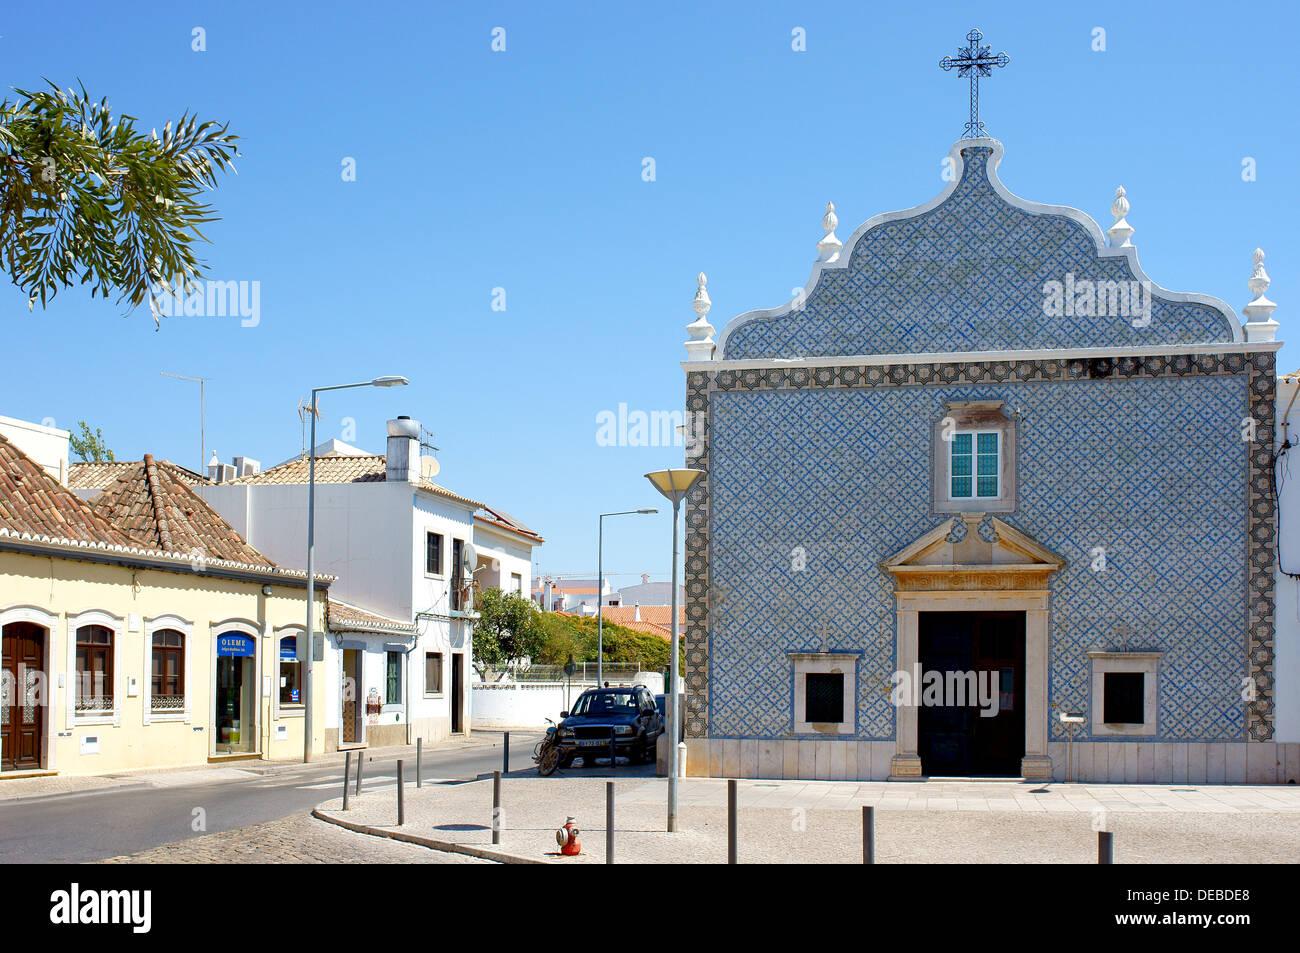 Igreja Sao Bras Church Tavira Algarve Portugal - Stock Image